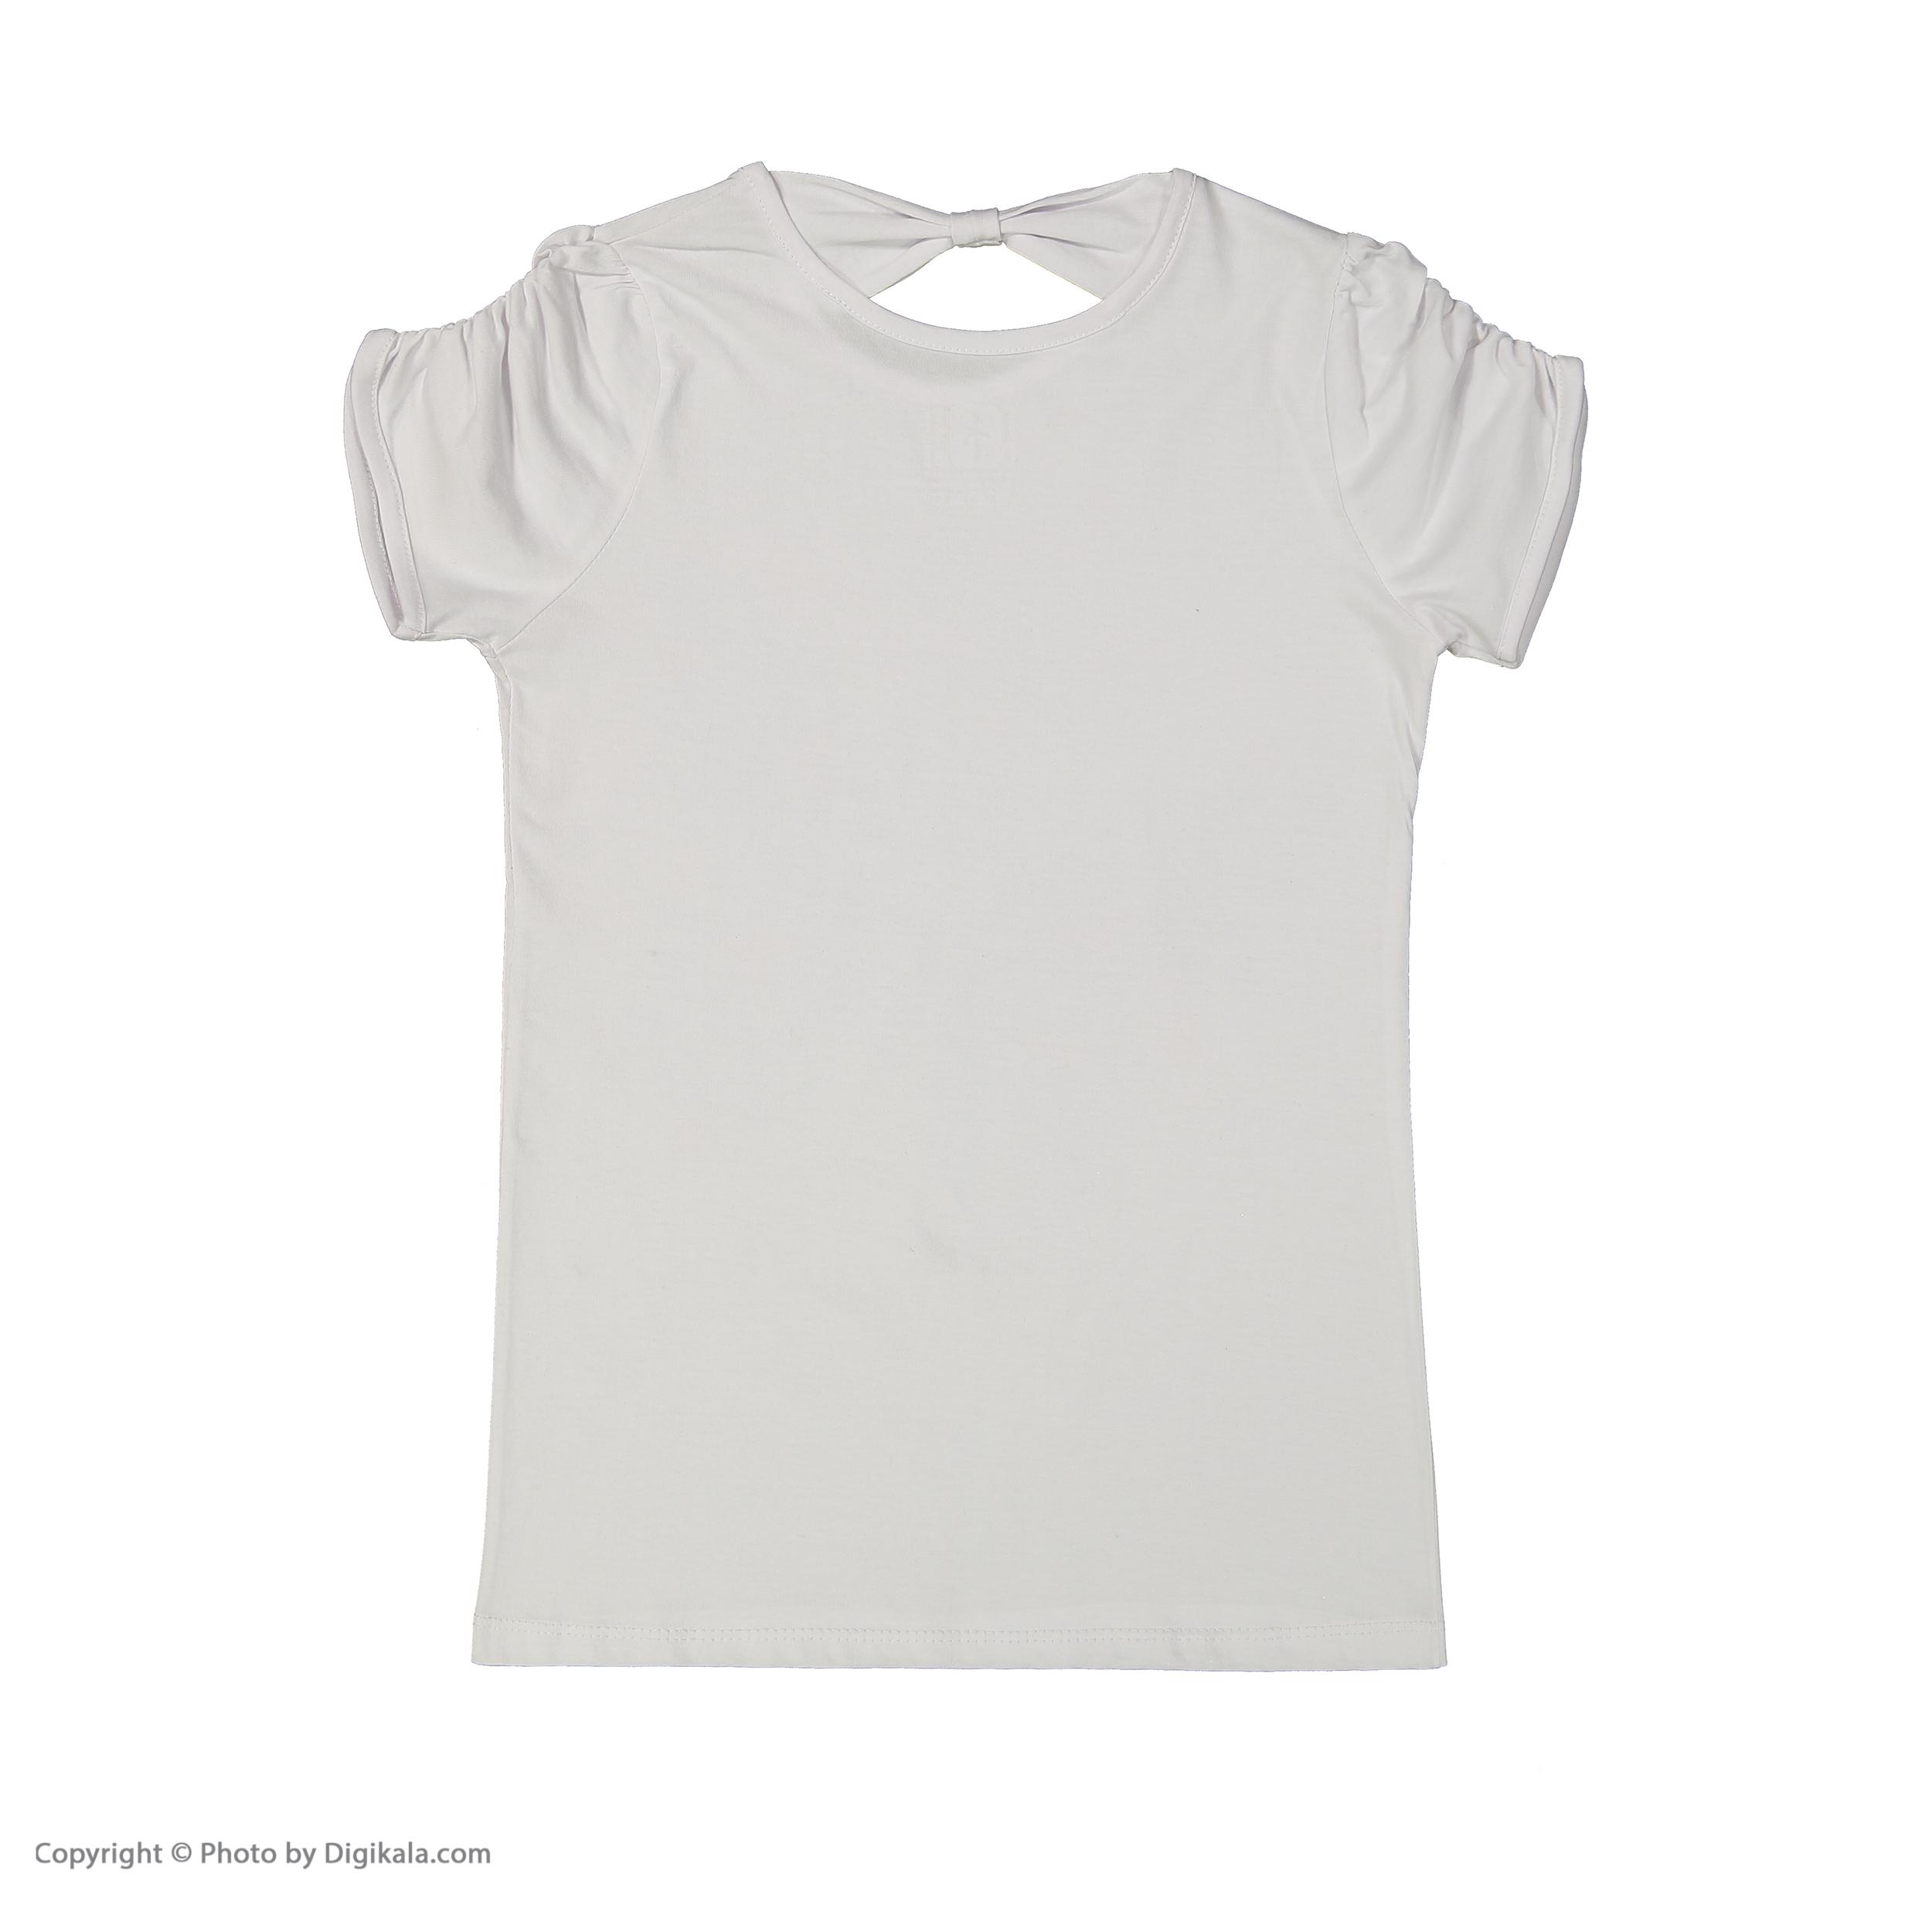 تی شرت دخترانه سون پون مدل 1391288-01